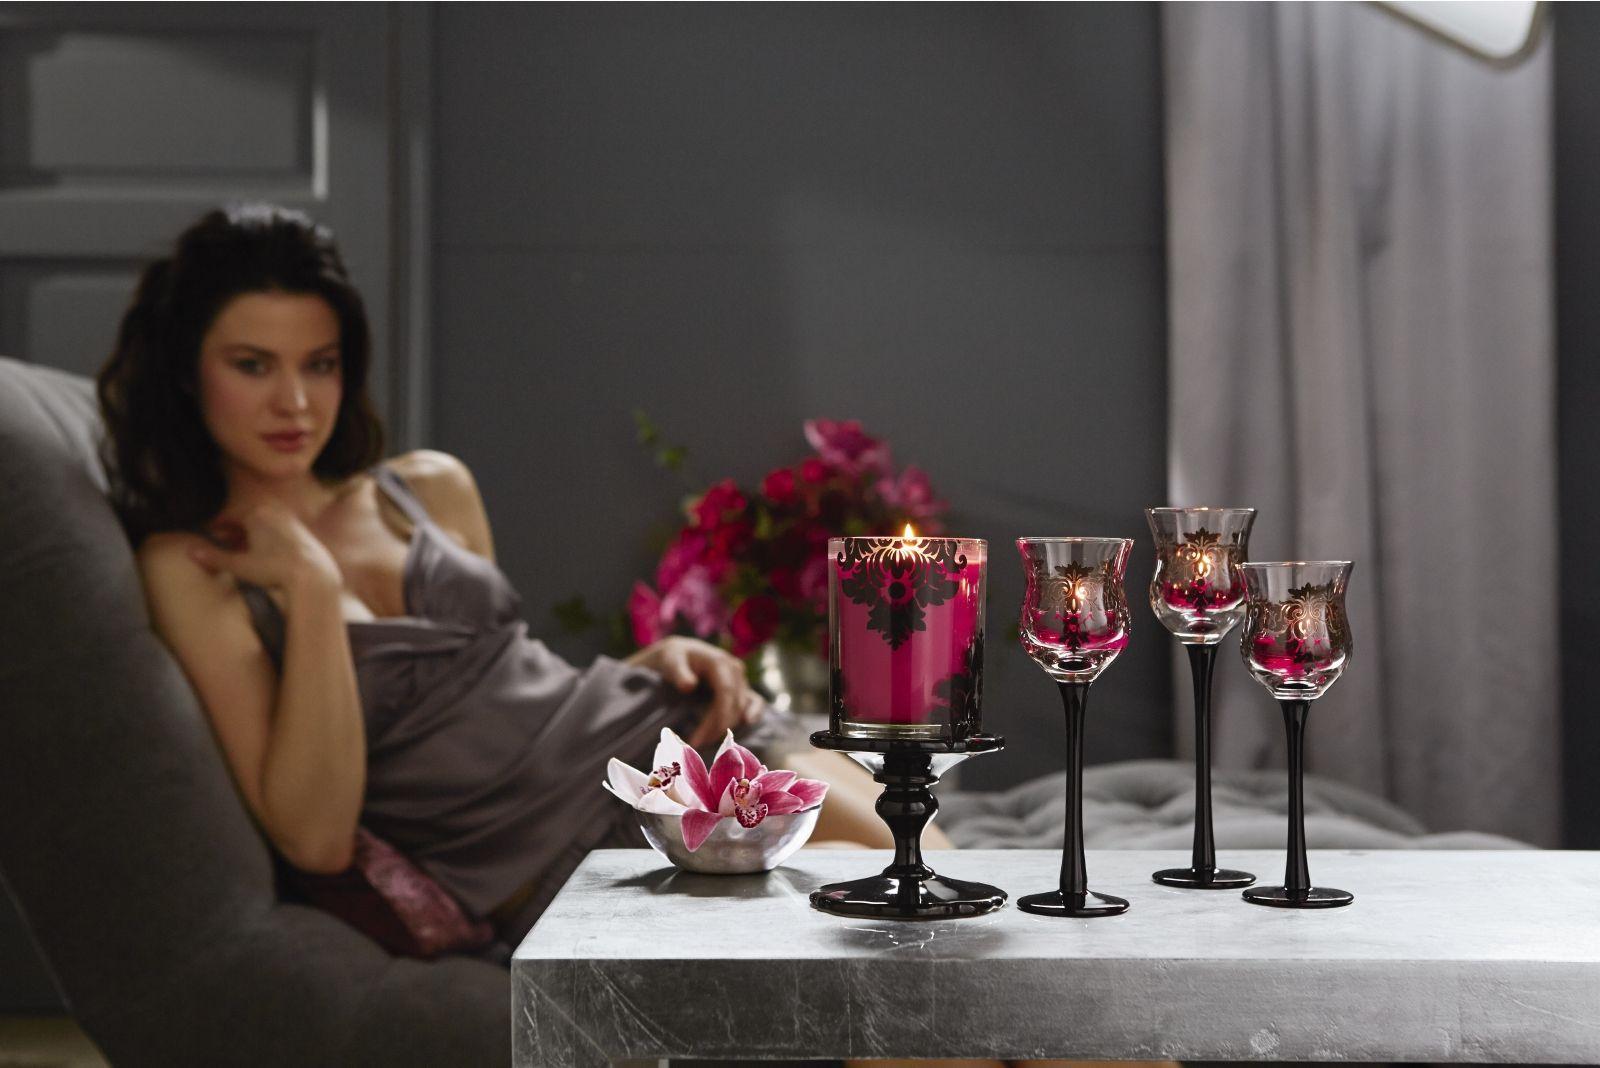 duftwachsglas forbidden fruits by partylite feuriger granatapfel duftwachsglashalter secrets. Black Bedroom Furniture Sets. Home Design Ideas